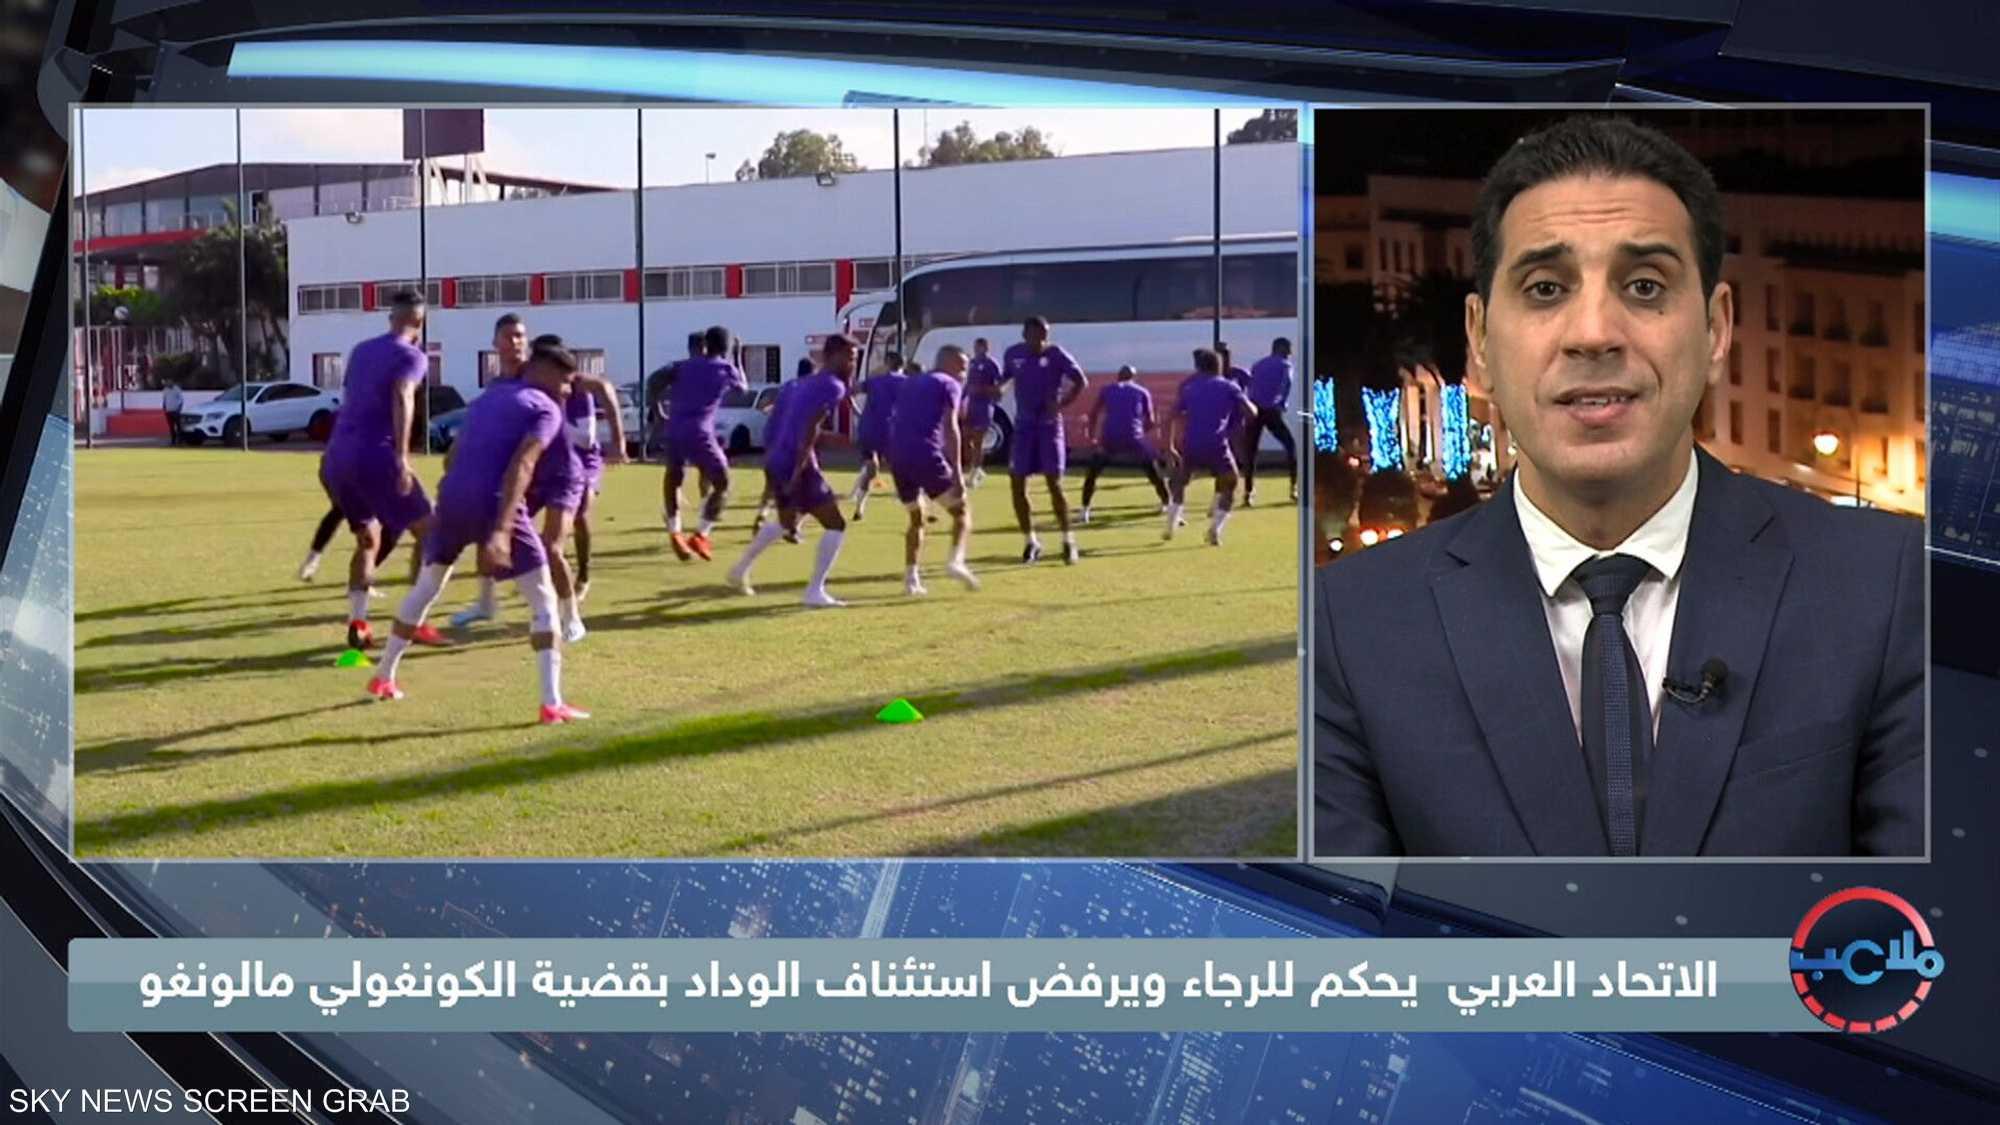 الاتحاد العربي لكرة القدم يحكم للرجاء ويرفض استئناف الوداد